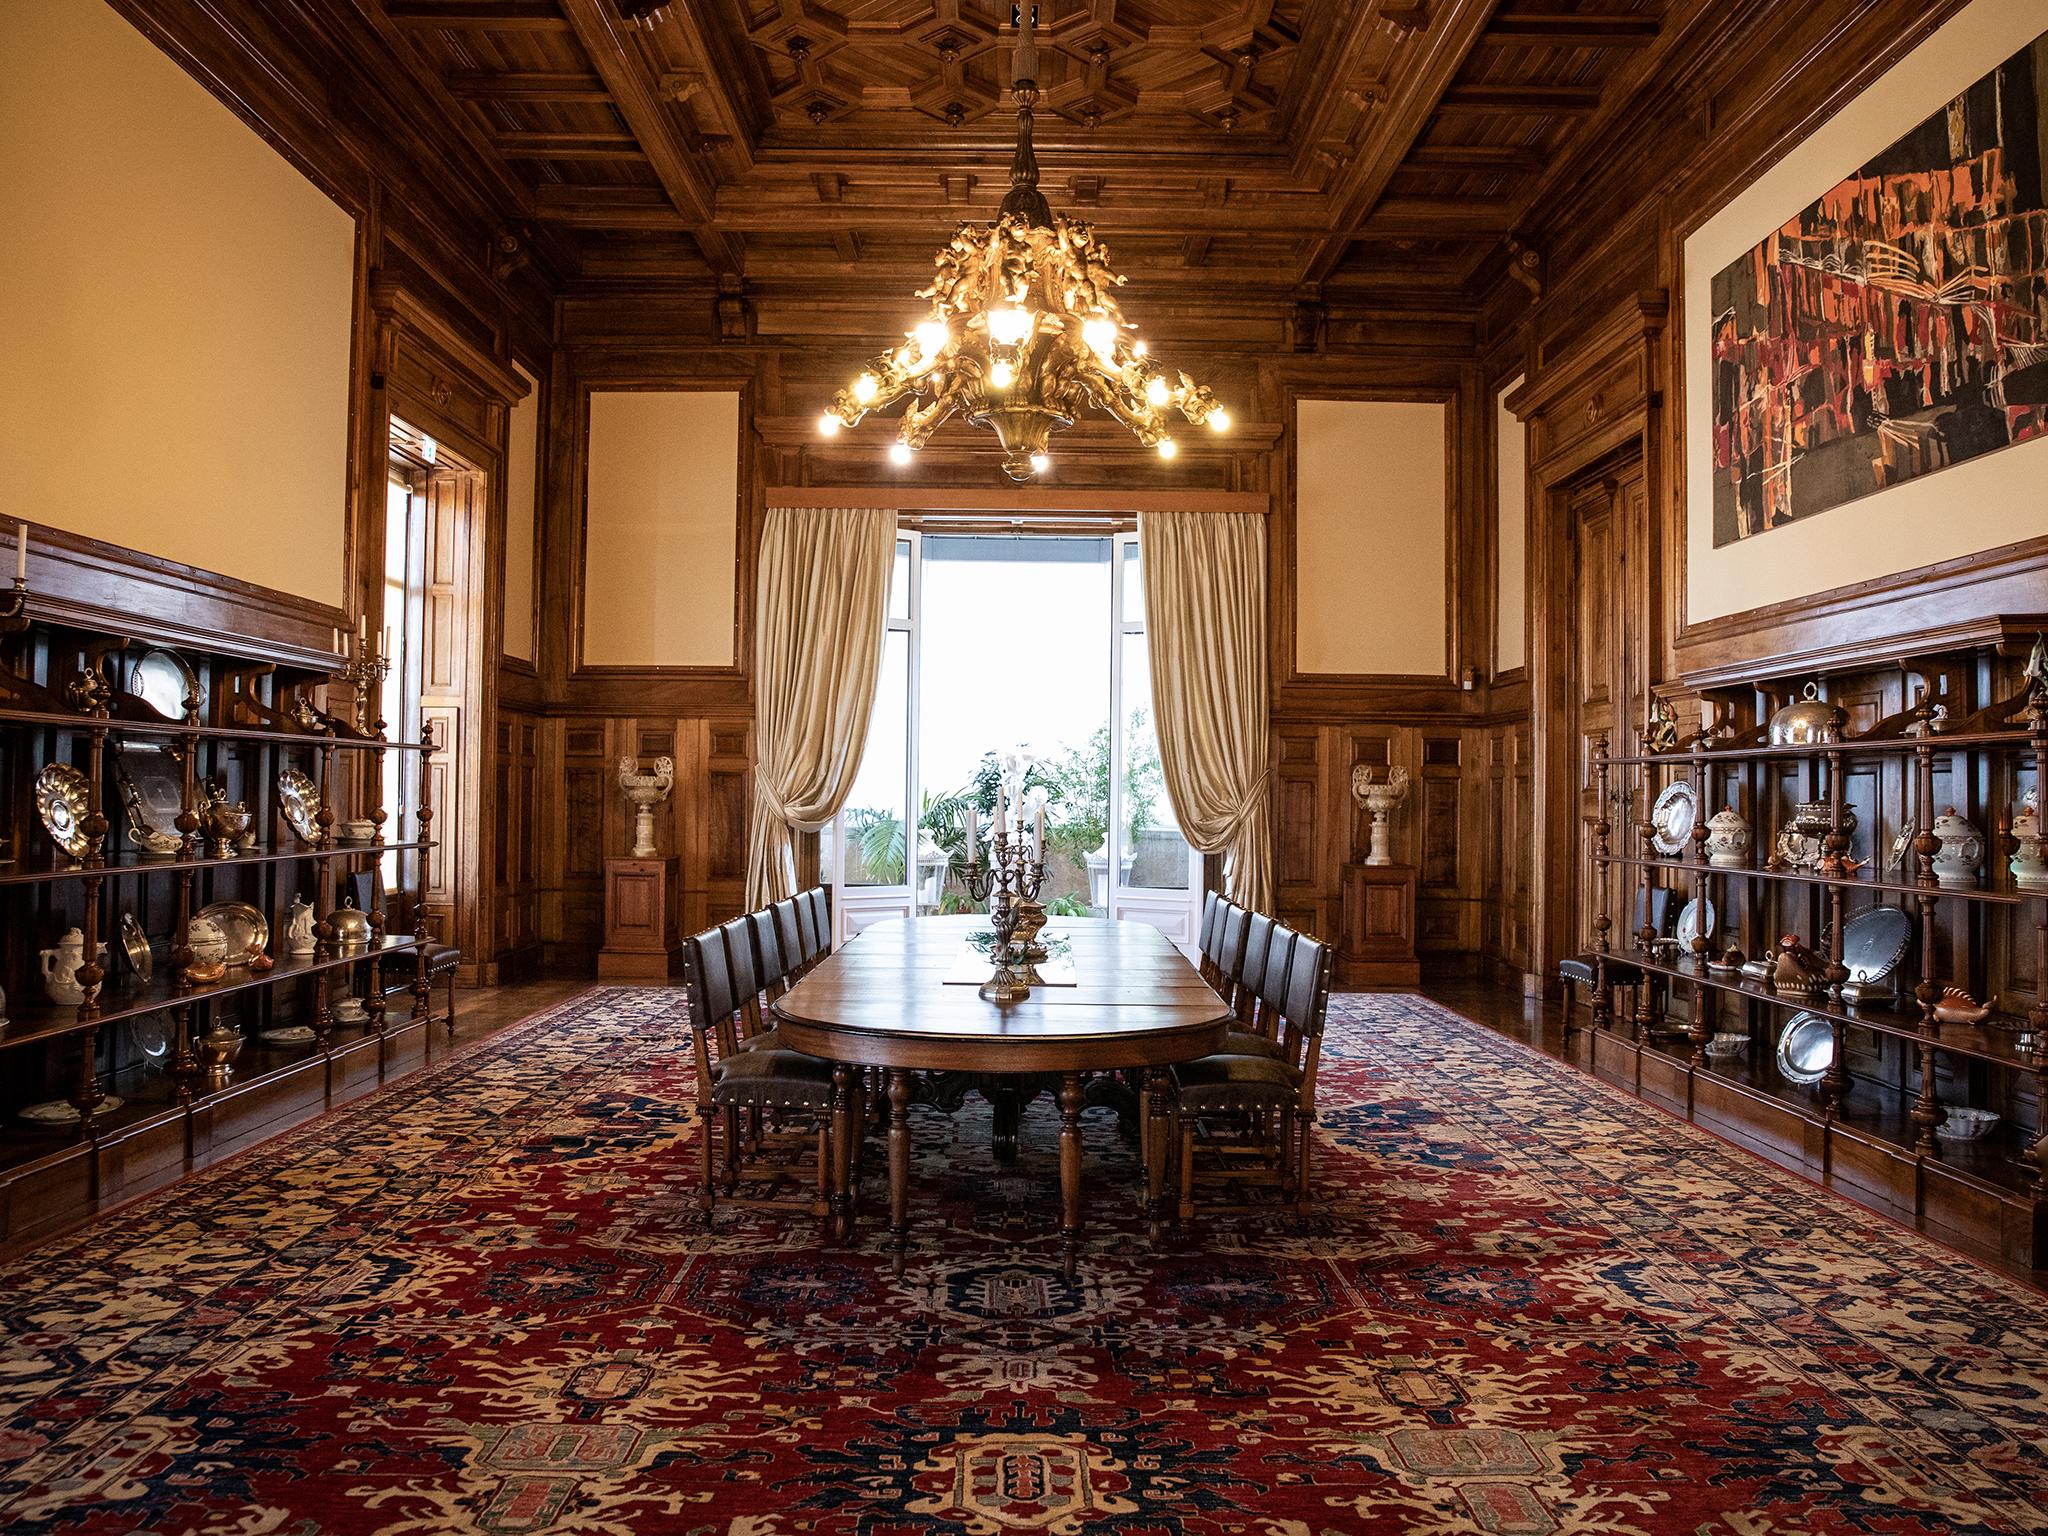 Museus, Museu da Presidência, Palácio da Cidadela de Cascais